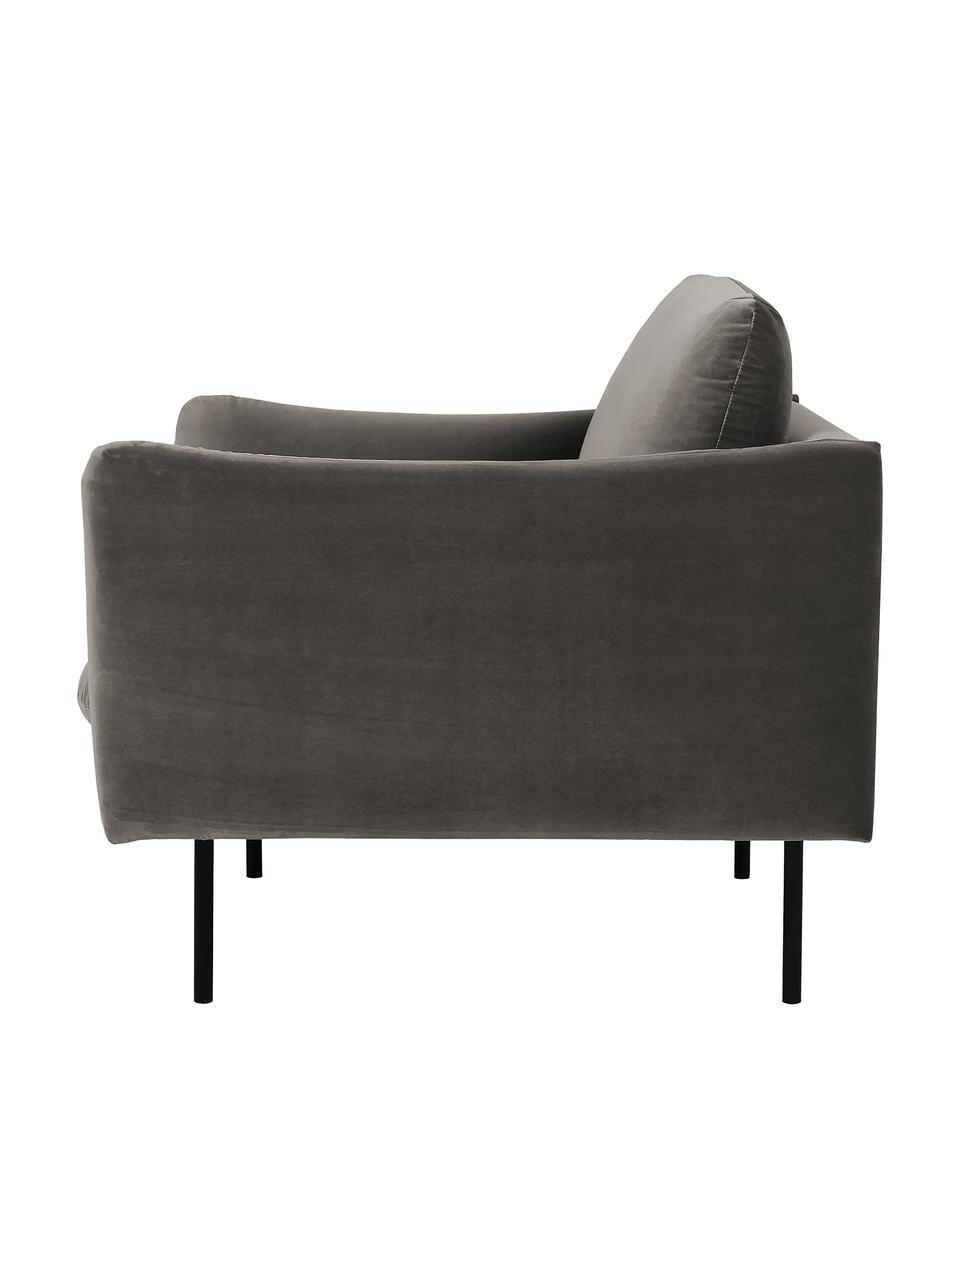 Fotel z aksamitu z metalowymi nogami Moby, Tapicerka: aksamit (wysokiej jakości, Stelaż: lite drewno sosnowe, Nogi: metal malowany proszkowo, Aksamitny szarobrązowy, S 90 x G 90 cm